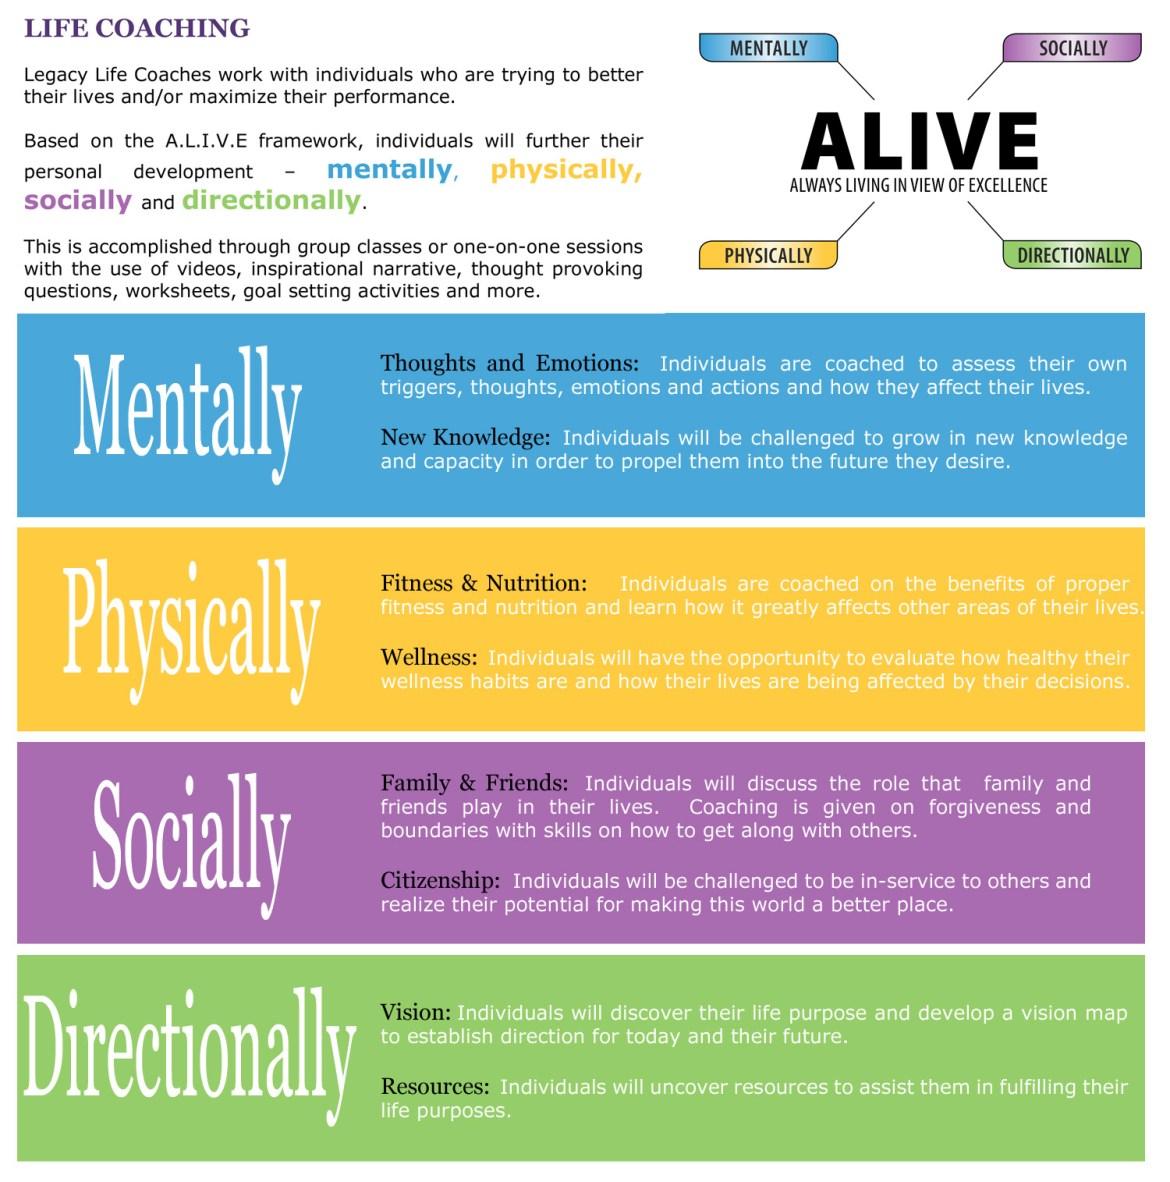 LifeCoachingOverview2 copy